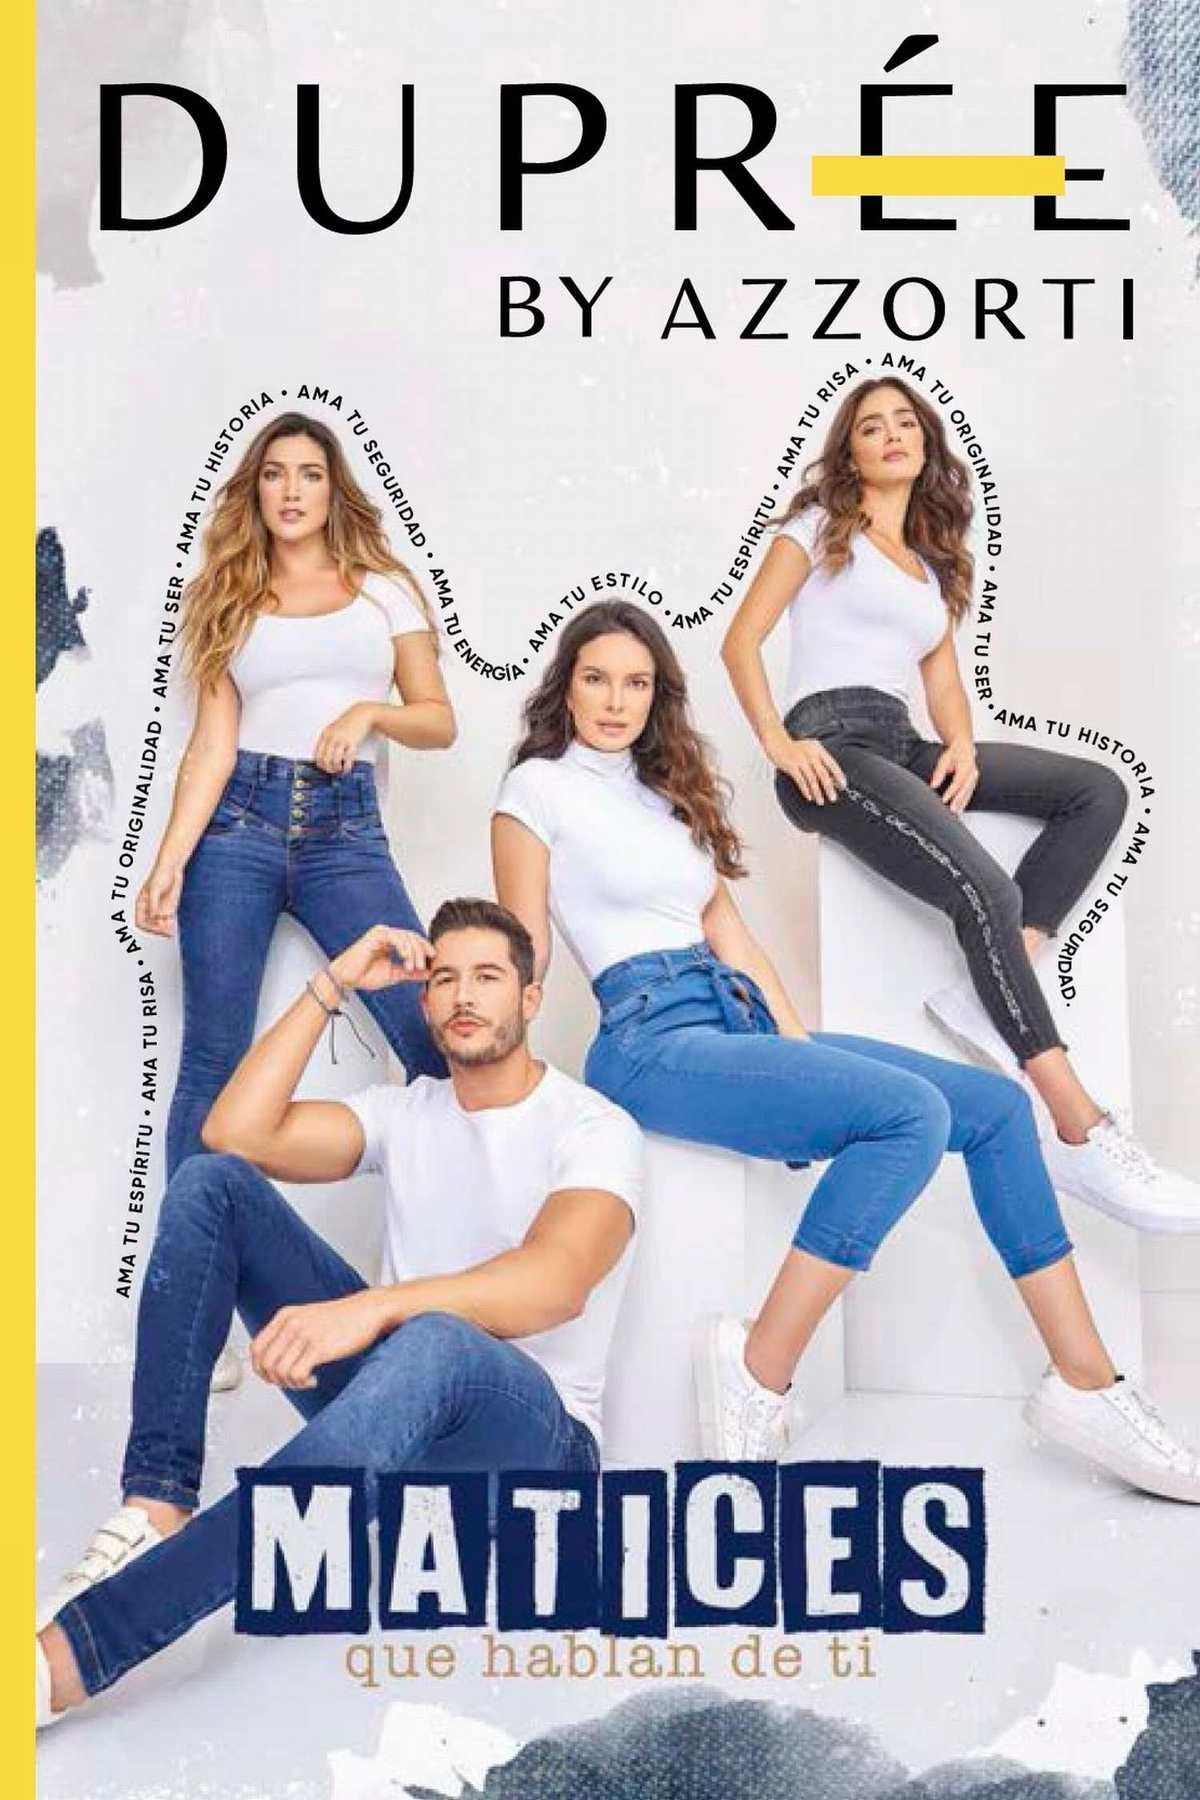 Catálogo Dupree Campaña 11 2021 Perú